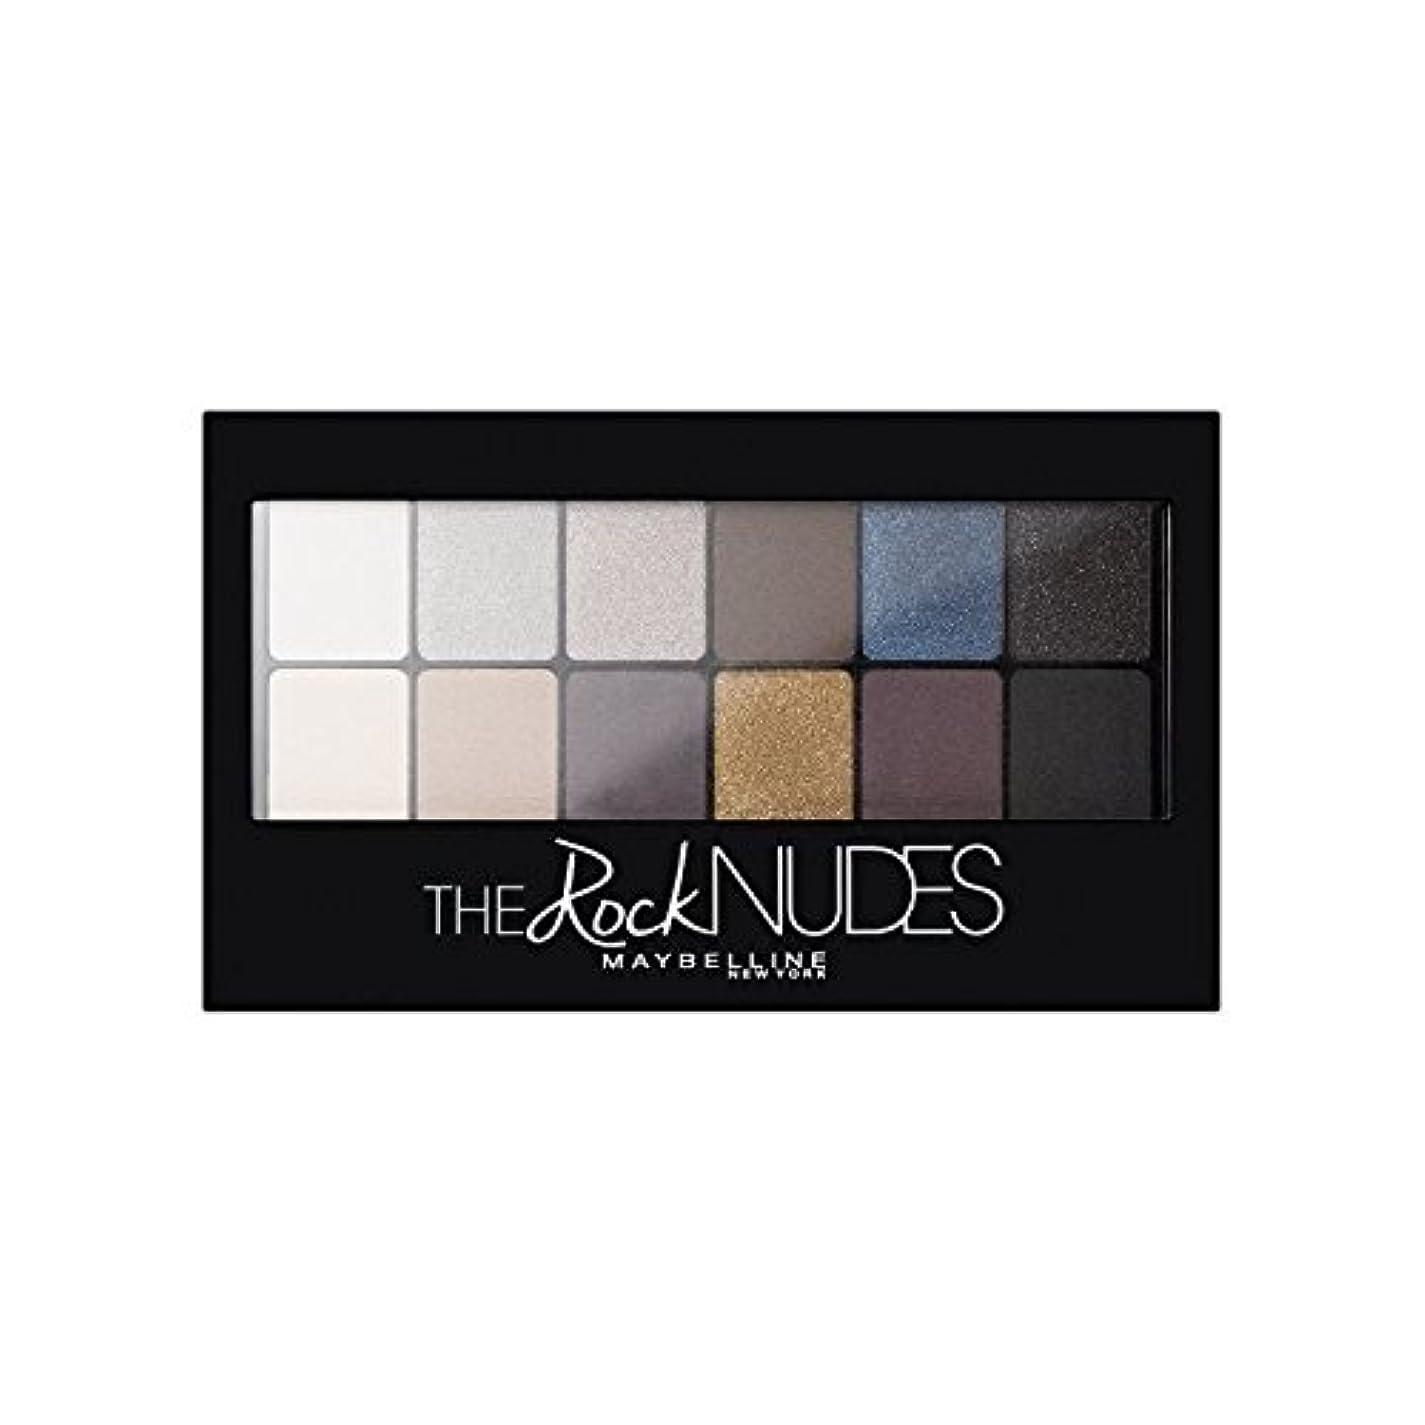 アクセル創始者覆すメイベリンアイシャドウパレット岩ヌード x4 - Maybelline Eyeshadow Palette Rock Nudes (Pack of 4) [並行輸入品]